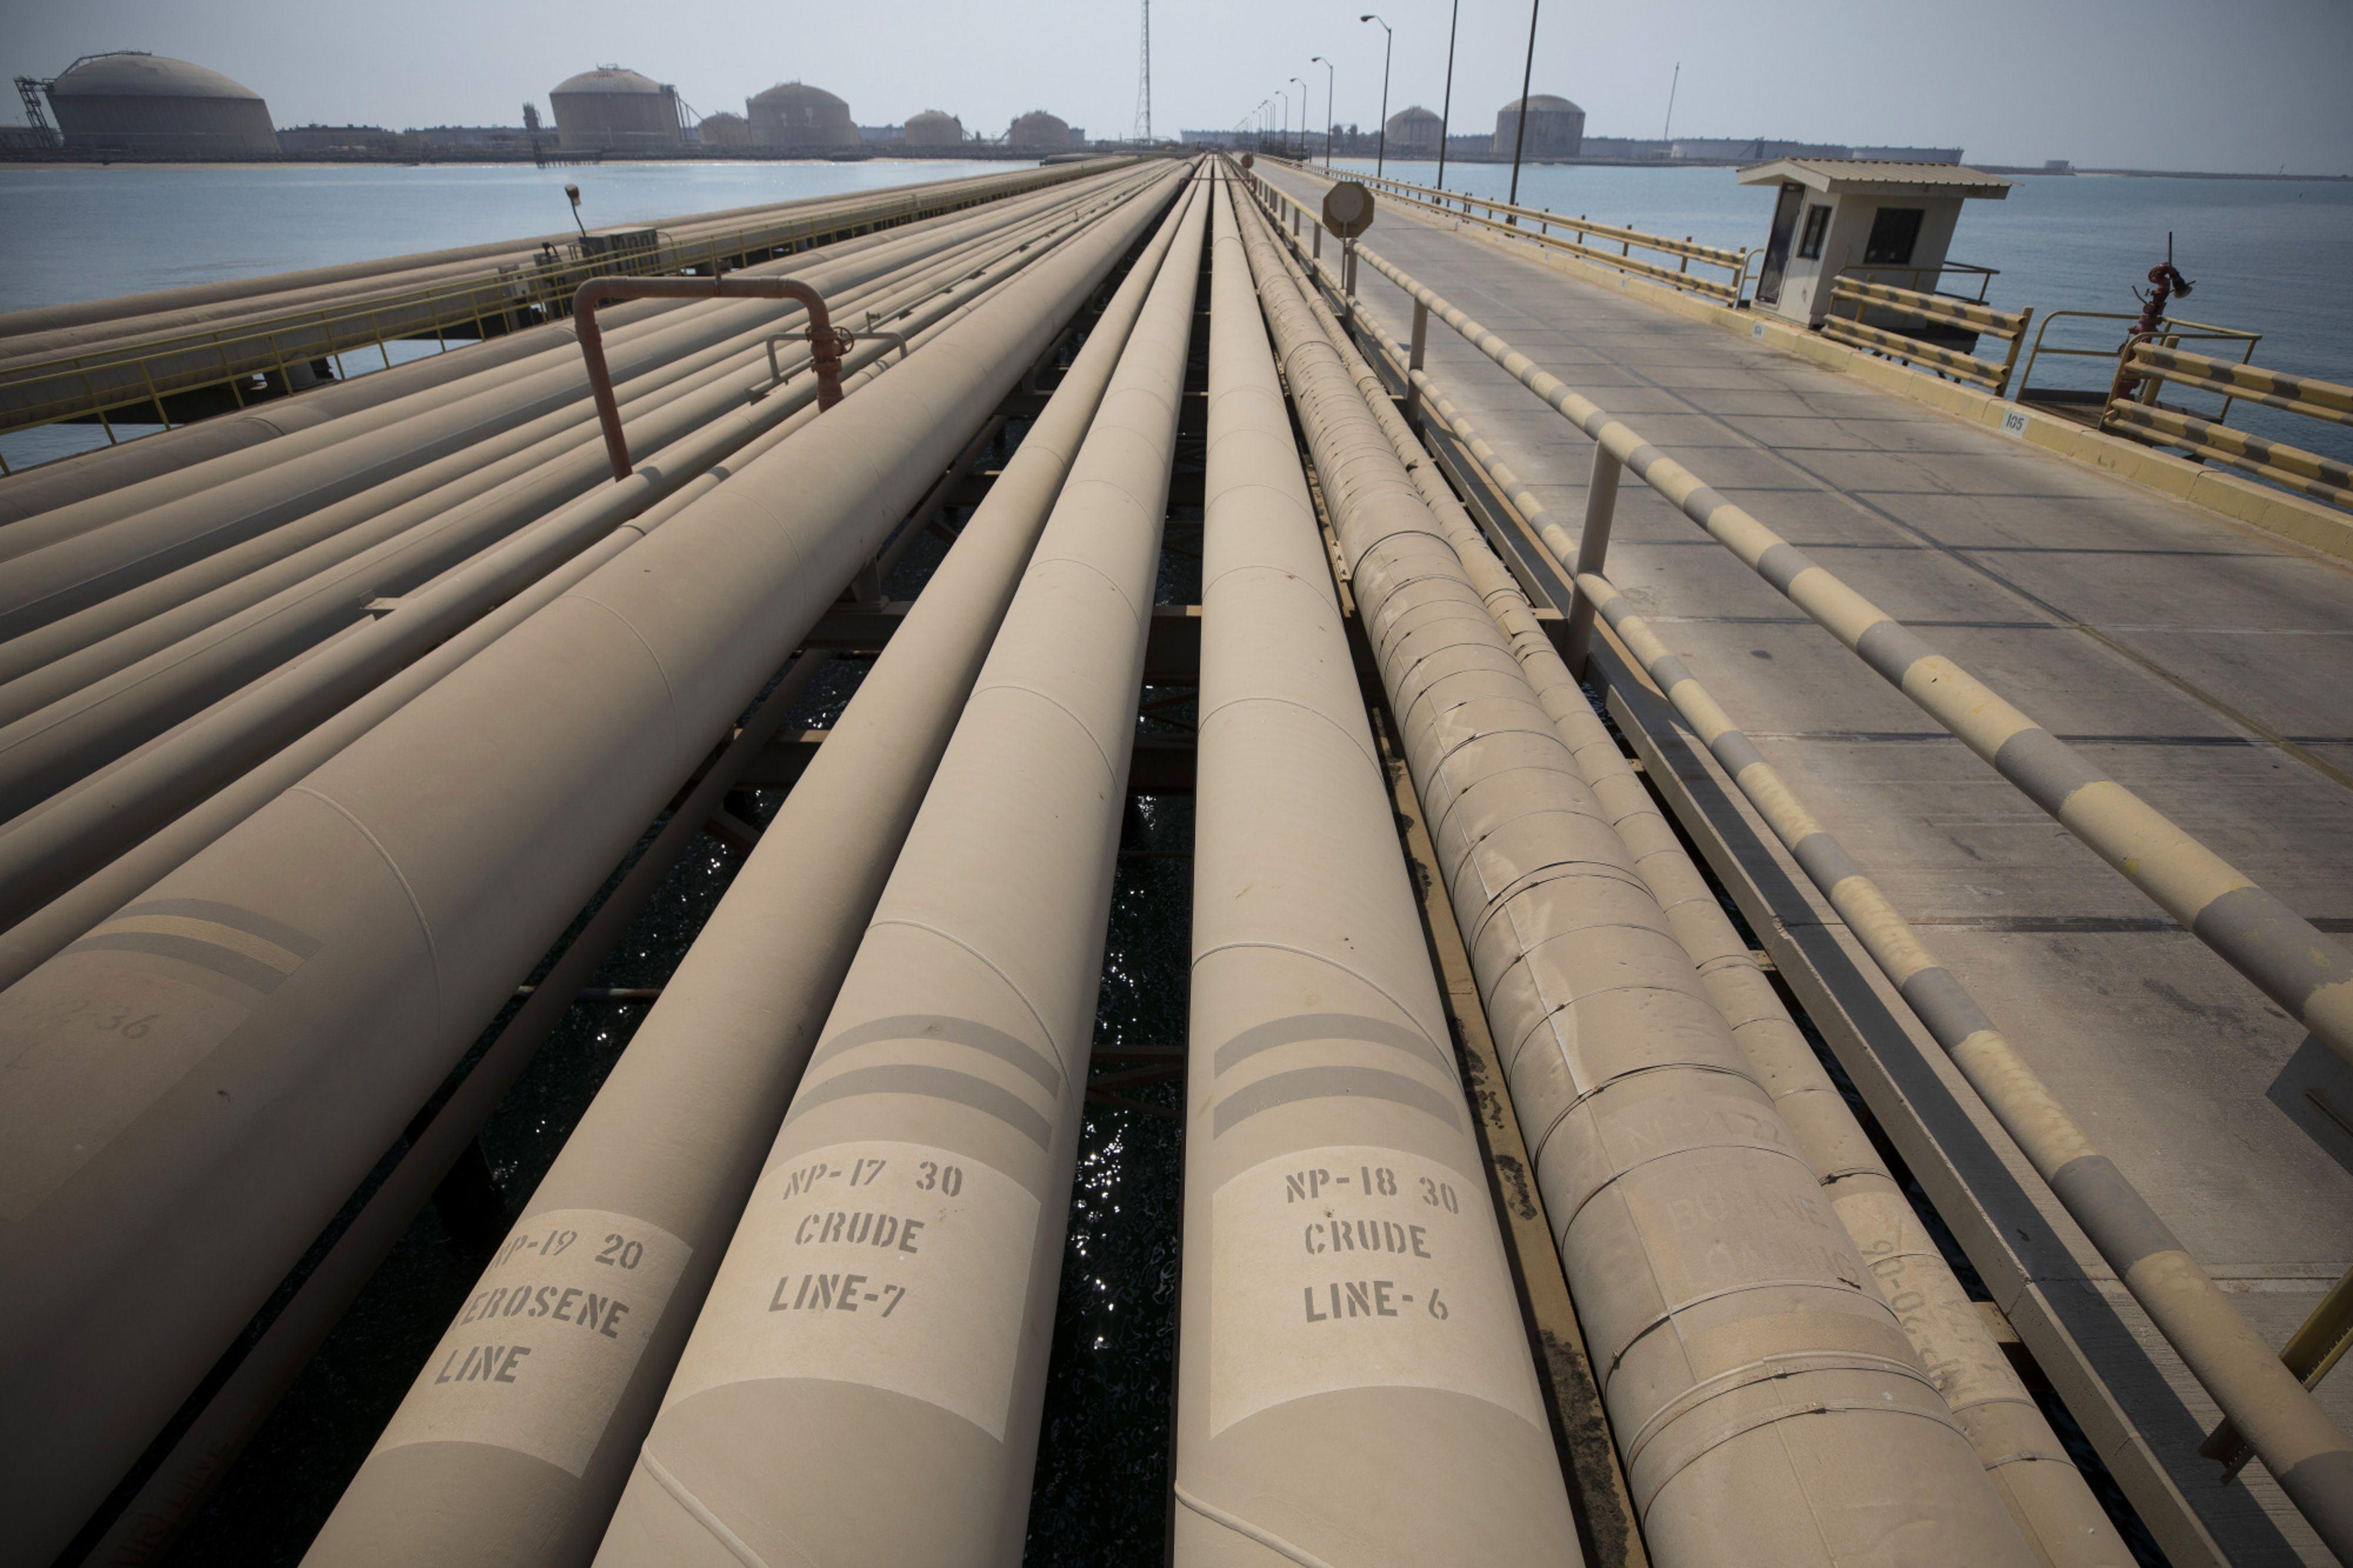 Oil Rises After Drone Attack on Saudi Arabia Disrupts Gulf Calm